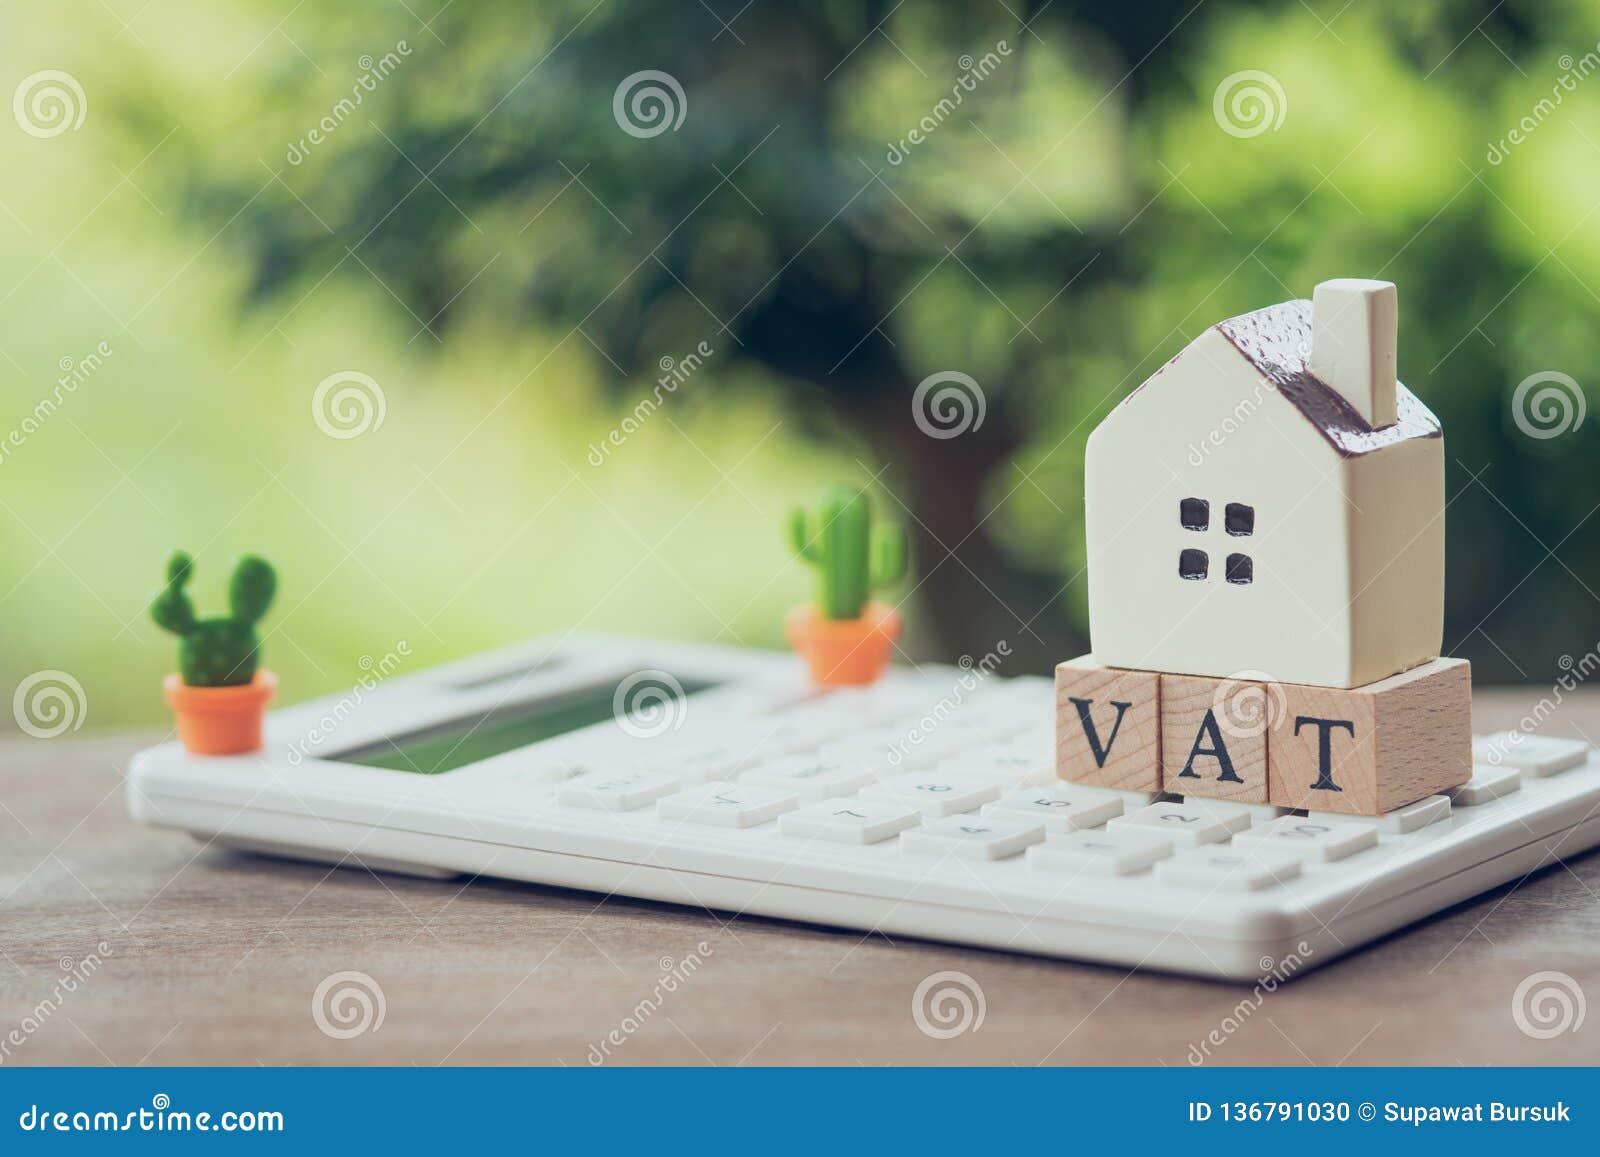 Un modelo modelo de la casa se pone en la palabra de madera IVA como concepto de las propiedades inmobiliarias de la propiedad de